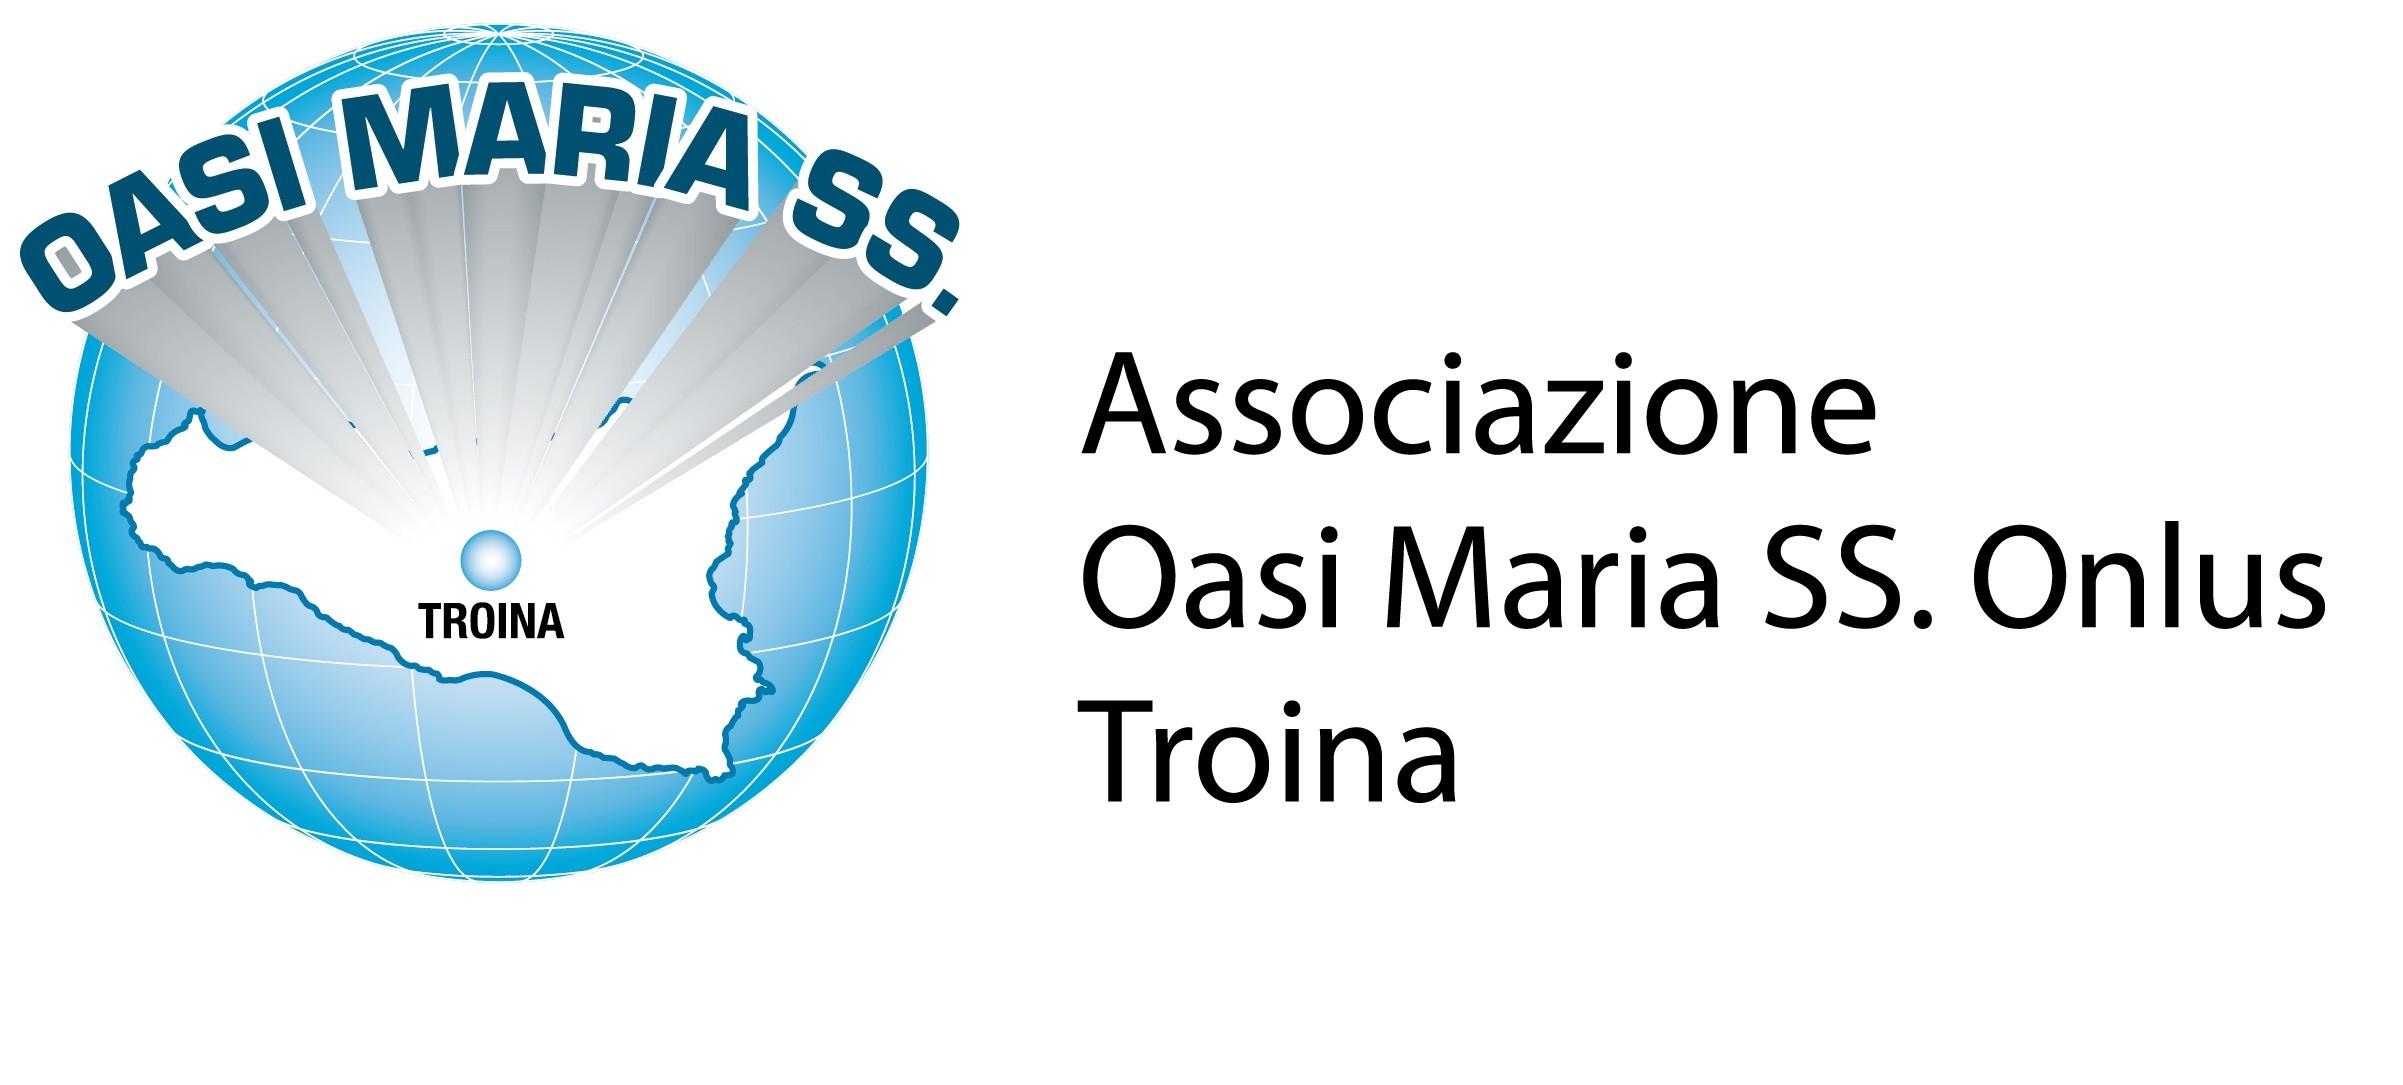 Associazione Oasi Maria SS. onlus